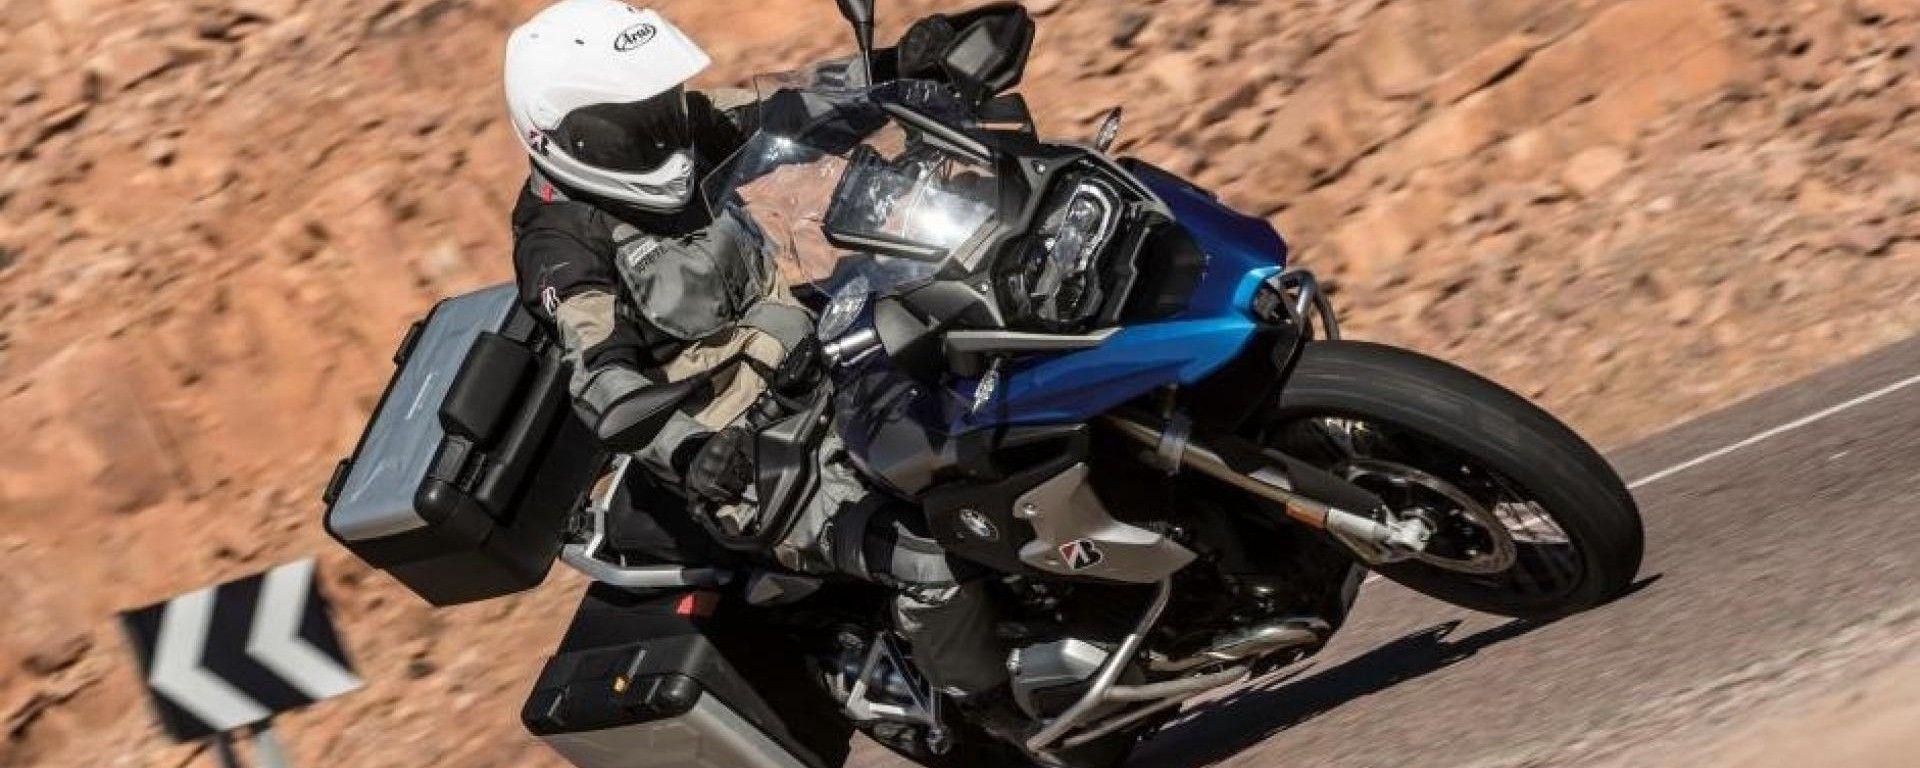 Vendite luglio 2018: mercato in crescita, bene scooter e moto